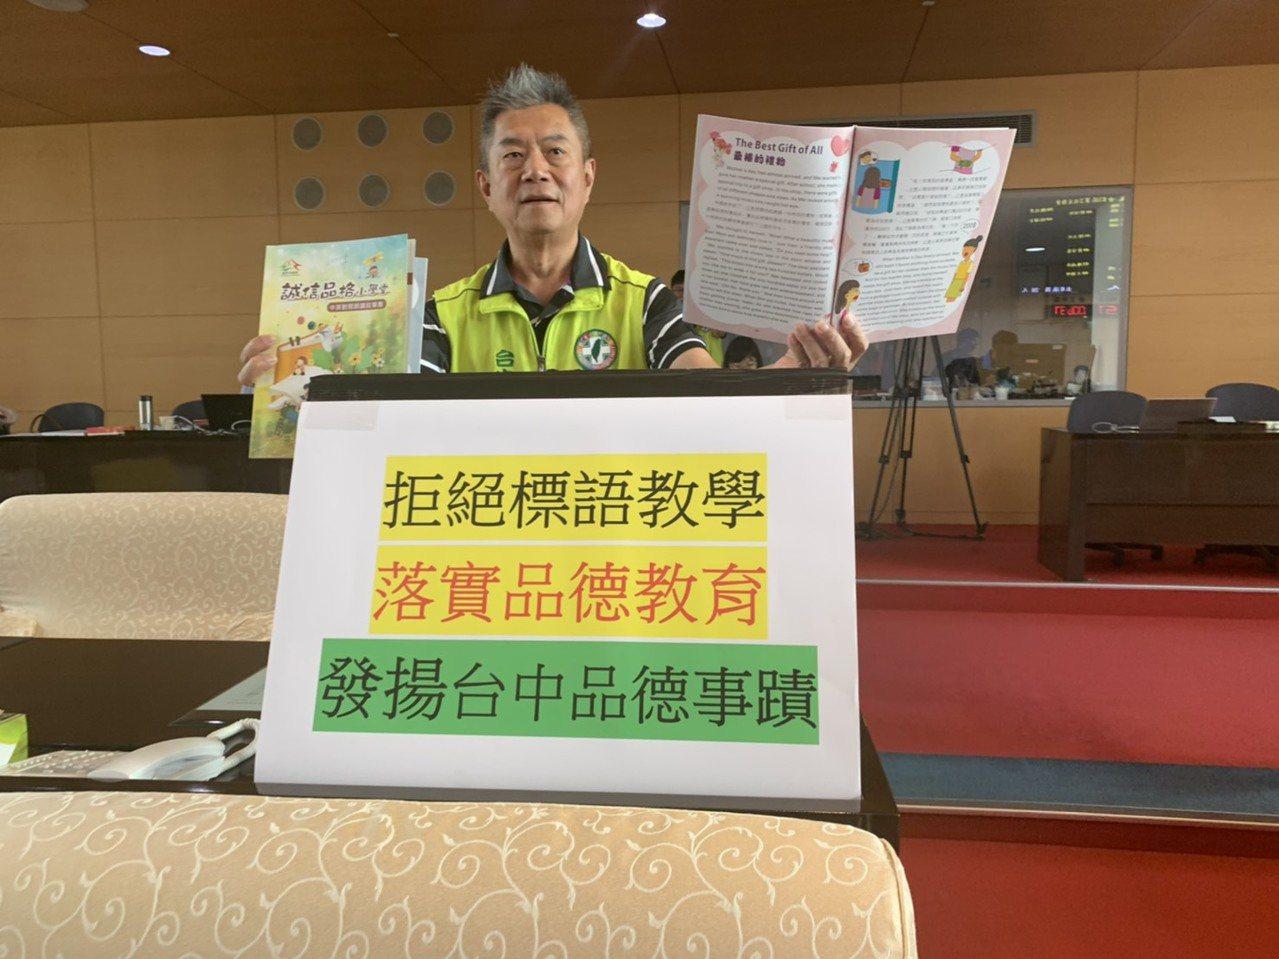 議員鄭功進表示,學校應拒絕標語教學。圖/鄭功進提供